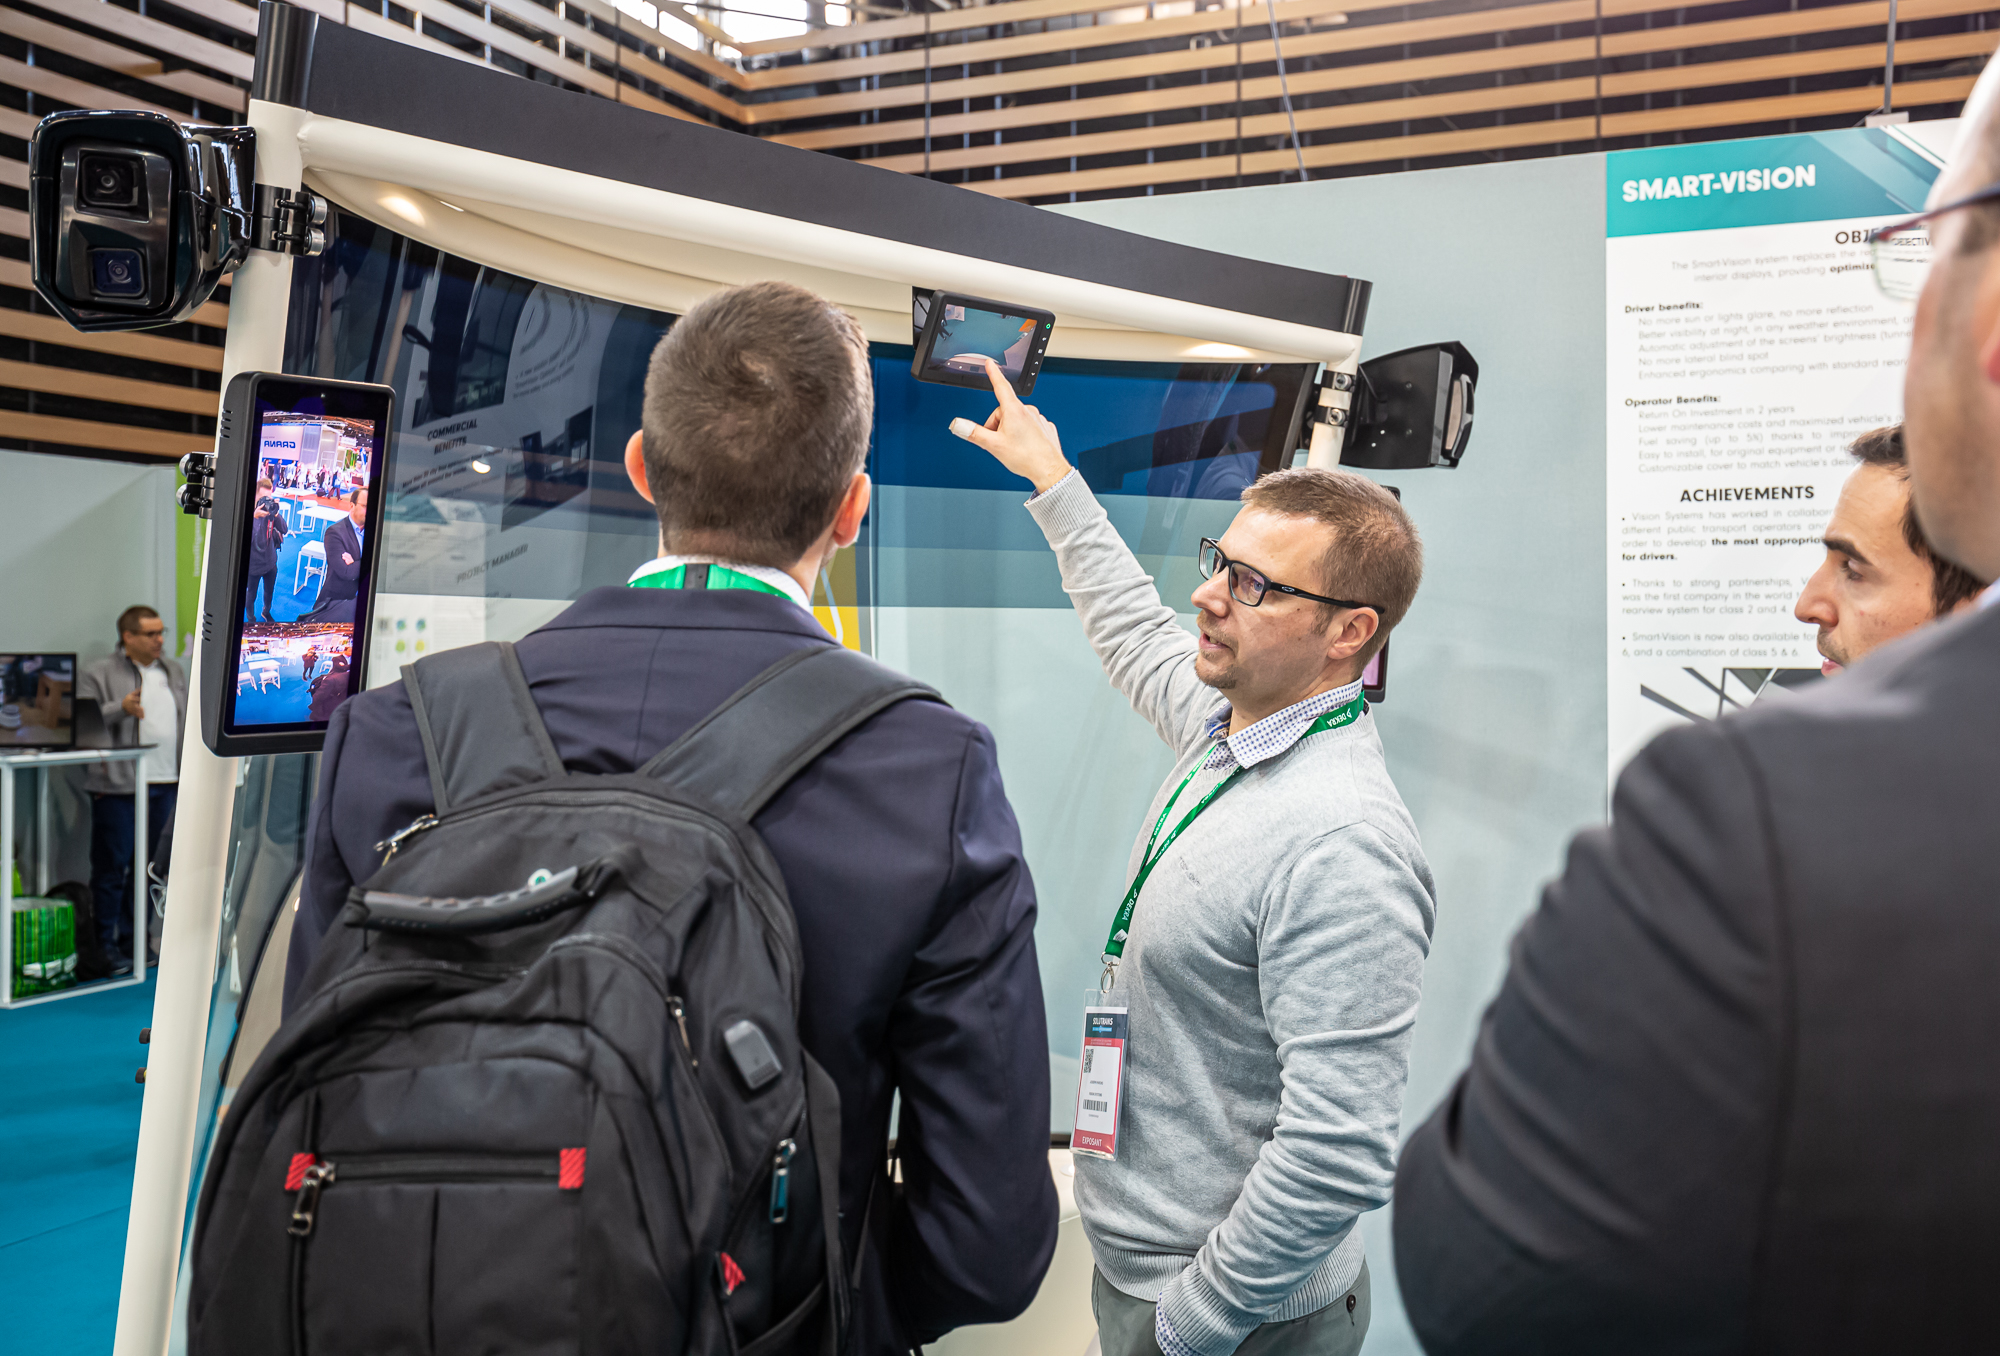 Le projet Smart Vision sur les IMC 2019